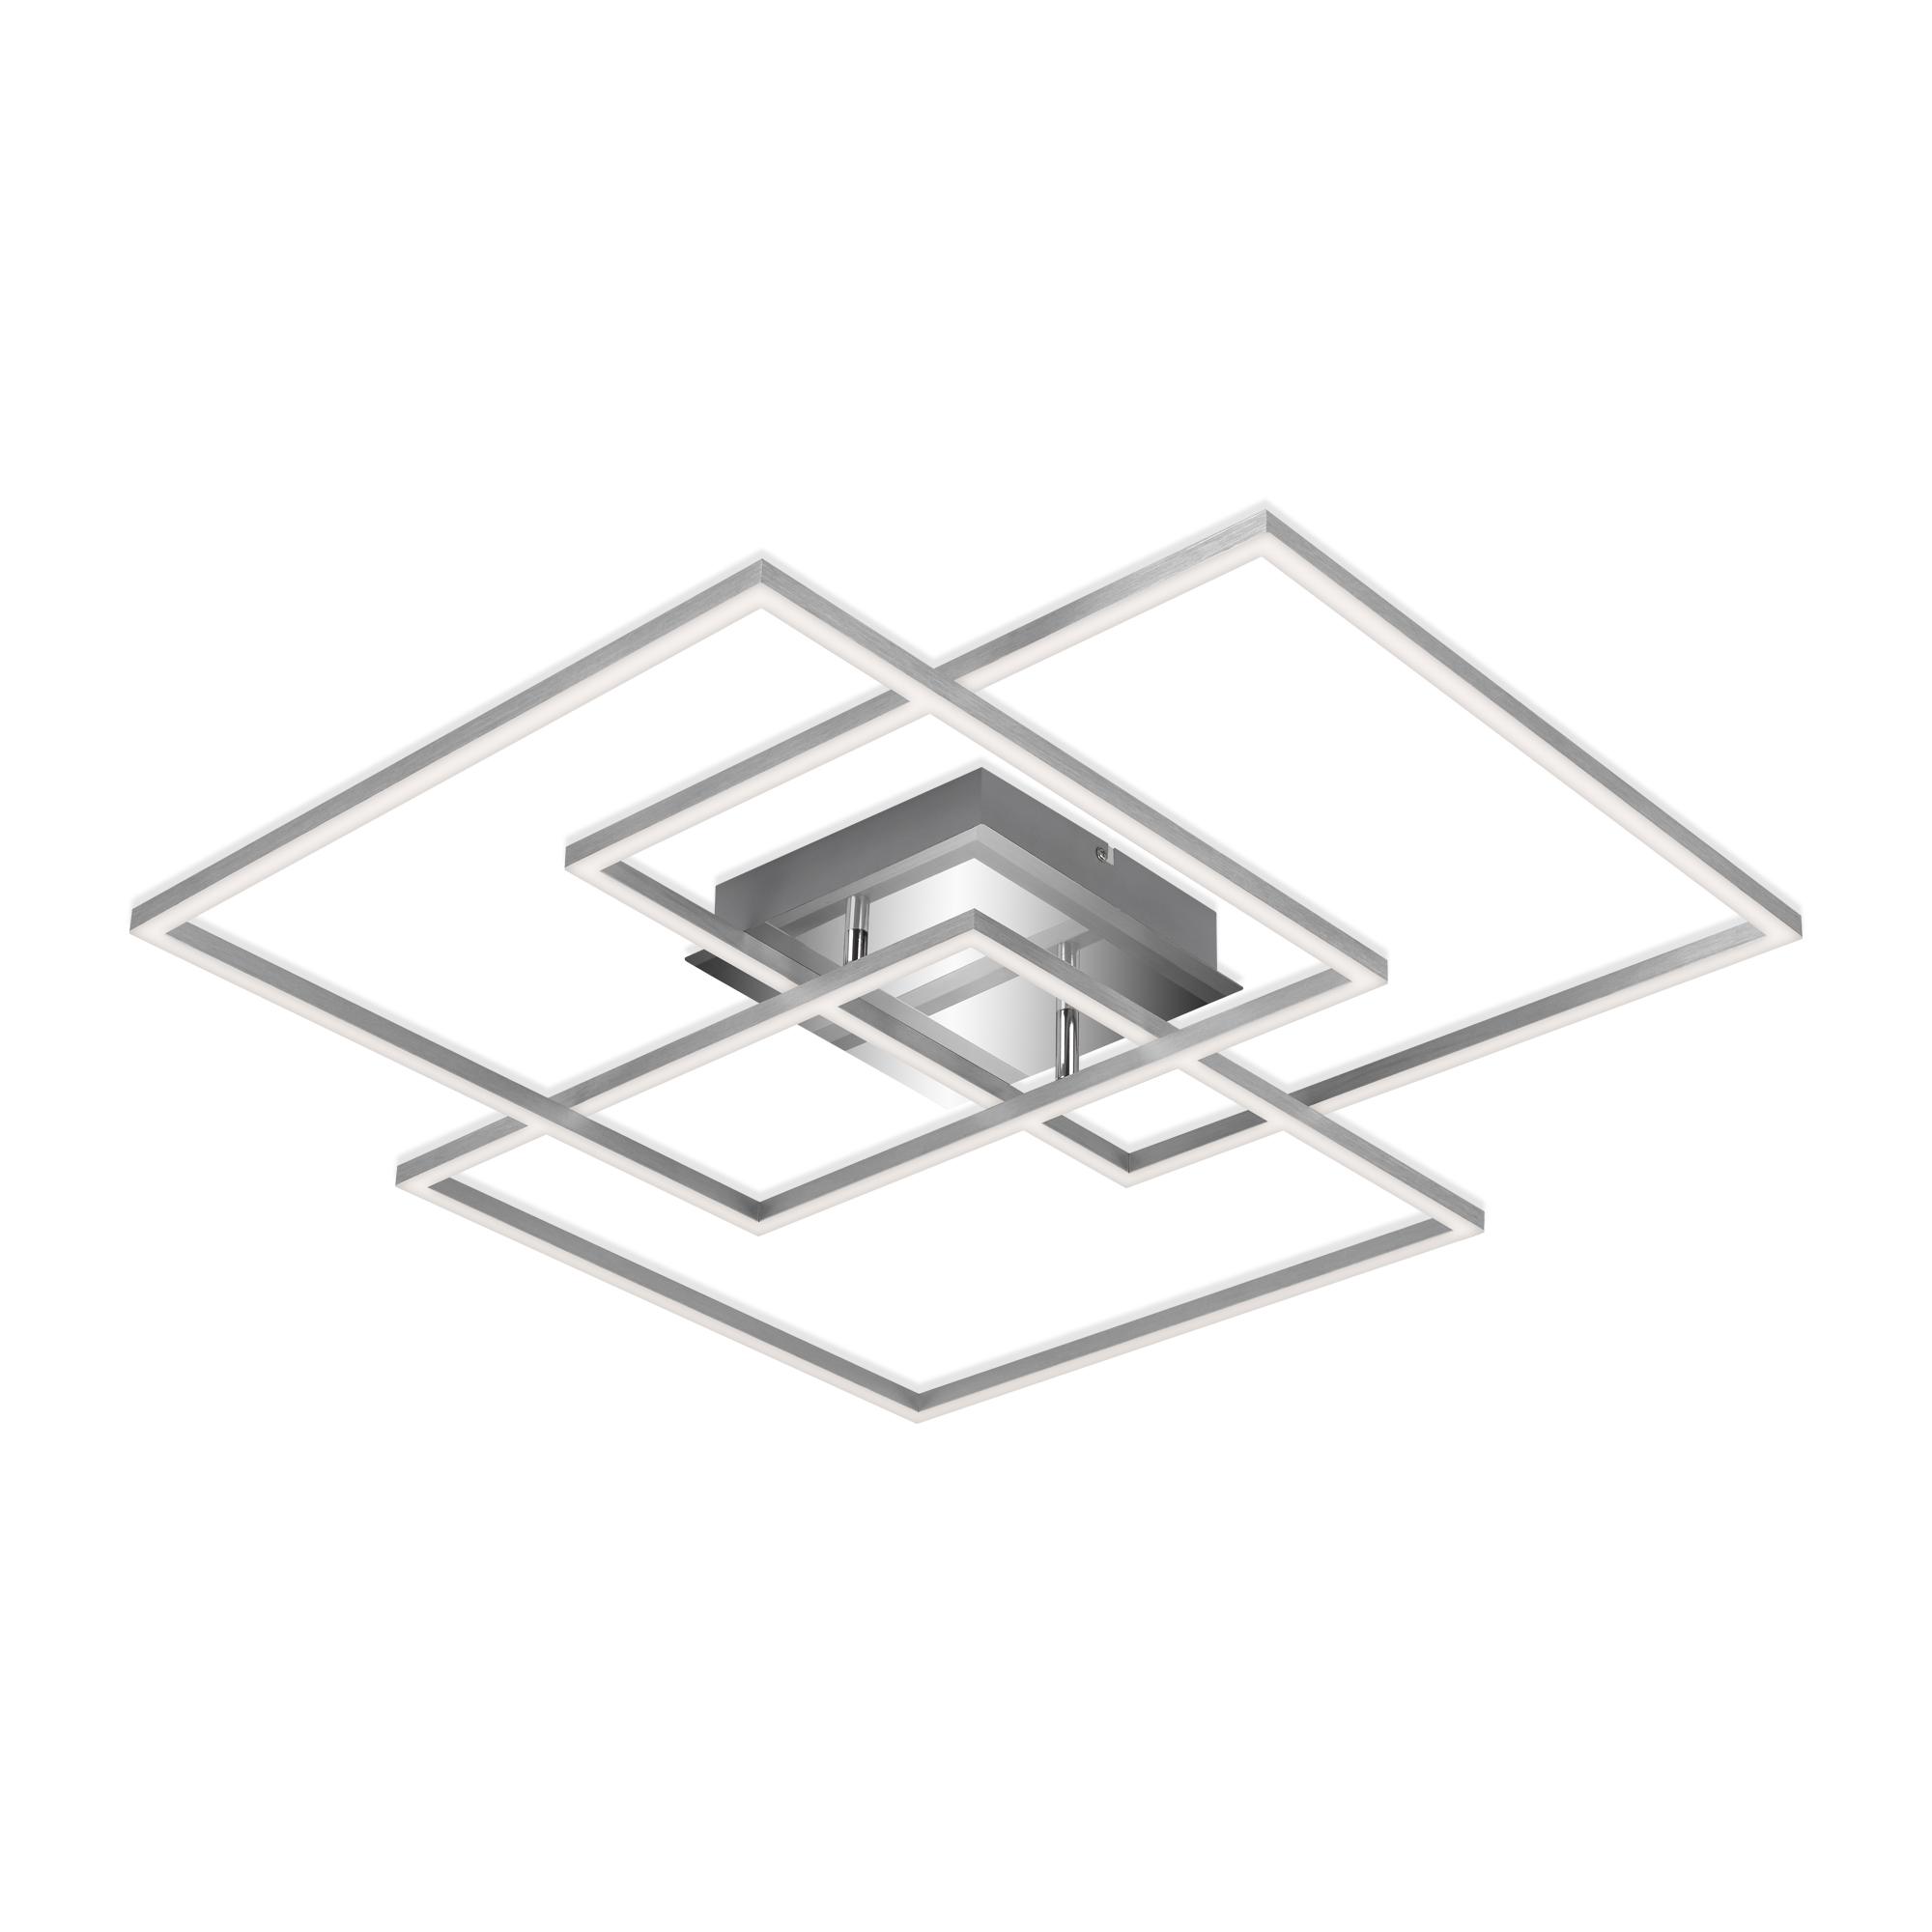 CCT LED Deckenleuchte, 70,3 cm, 4800 LM, 55 W, Alu